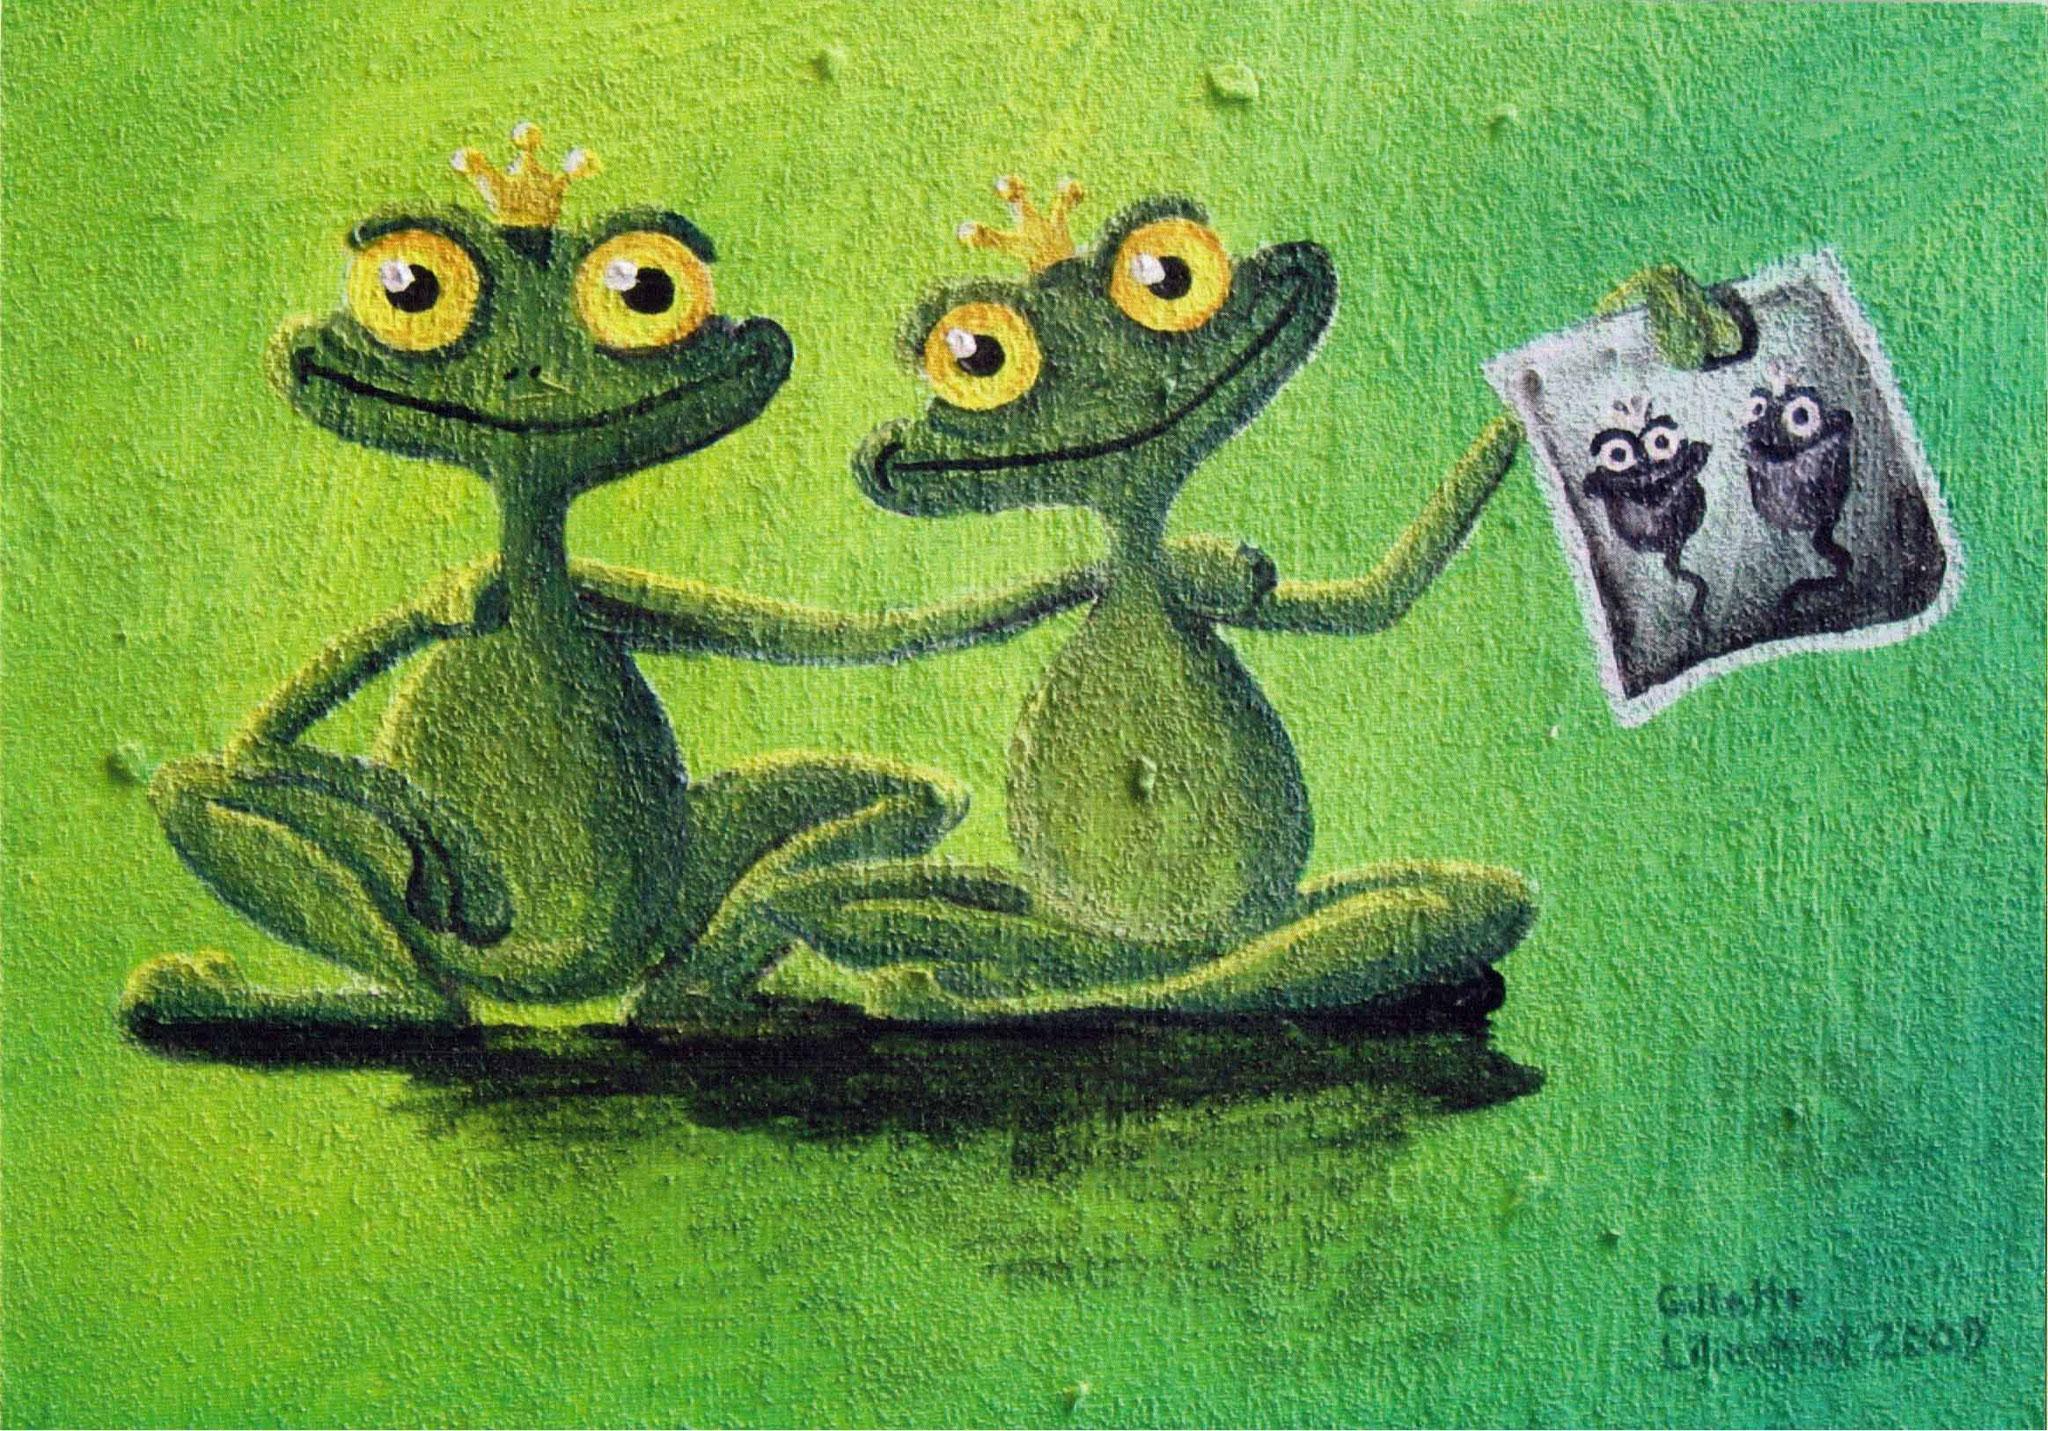 Zwilling - Öl auf Leinwand auf Bestellung und als Postkarte